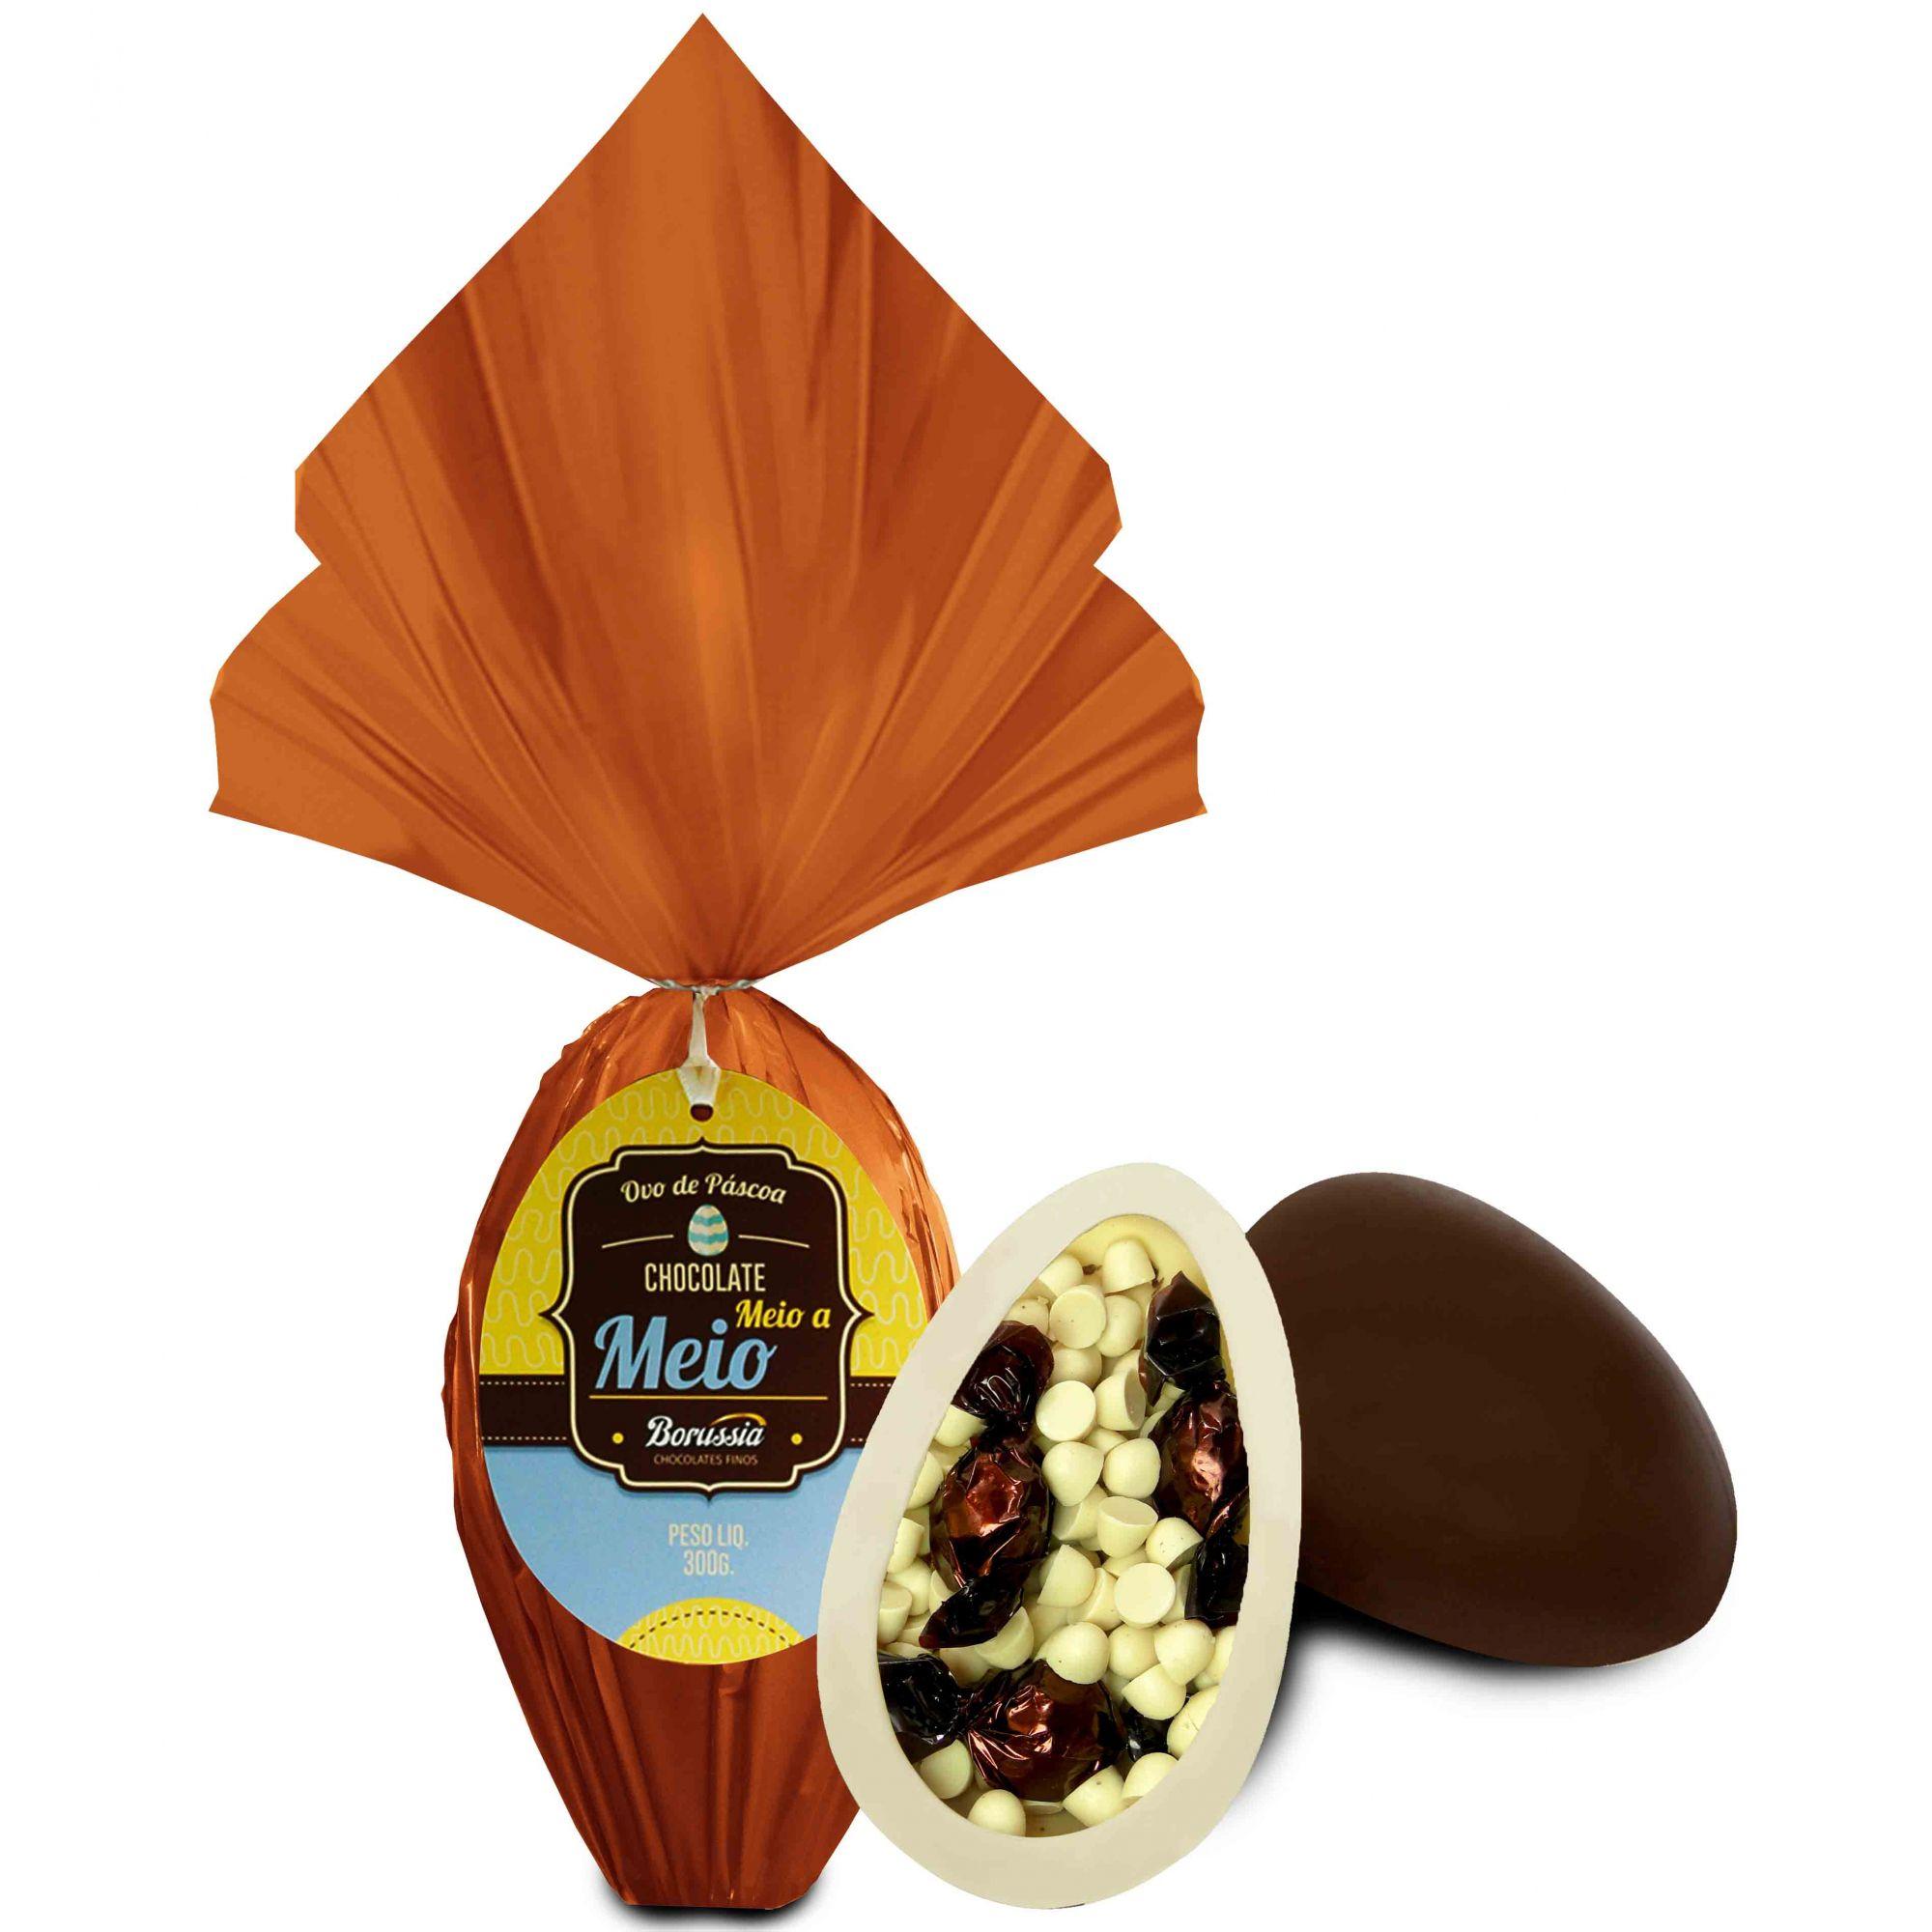 Ovo de Páscoa Chocolate Meio a Meio 300gr / Caixa c/ 8 Unds Borússia Chocolates